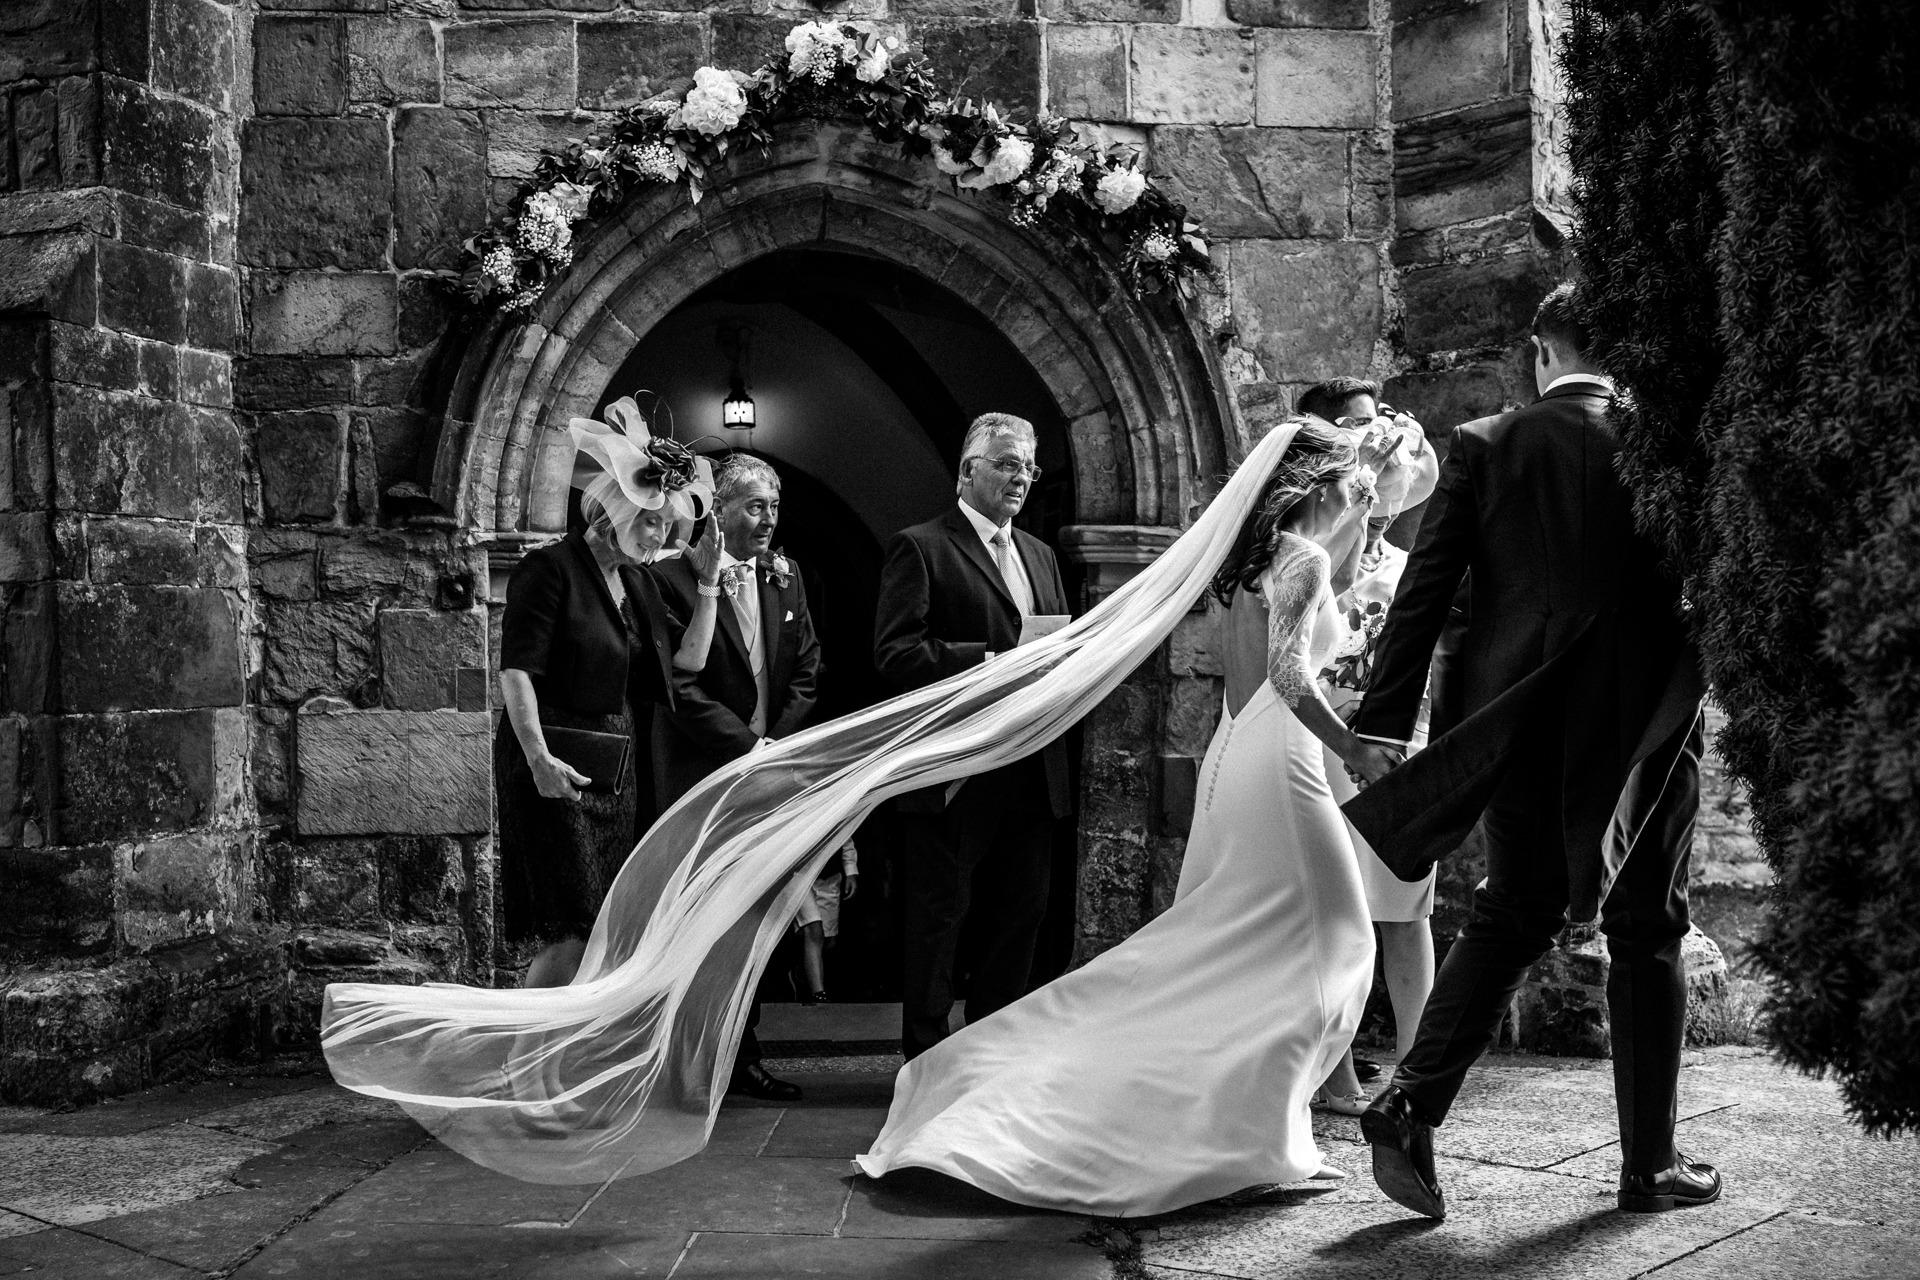 Paul Rogers, of Hertfordshire, is een trouwfotograaf voor Ticehurst, VK